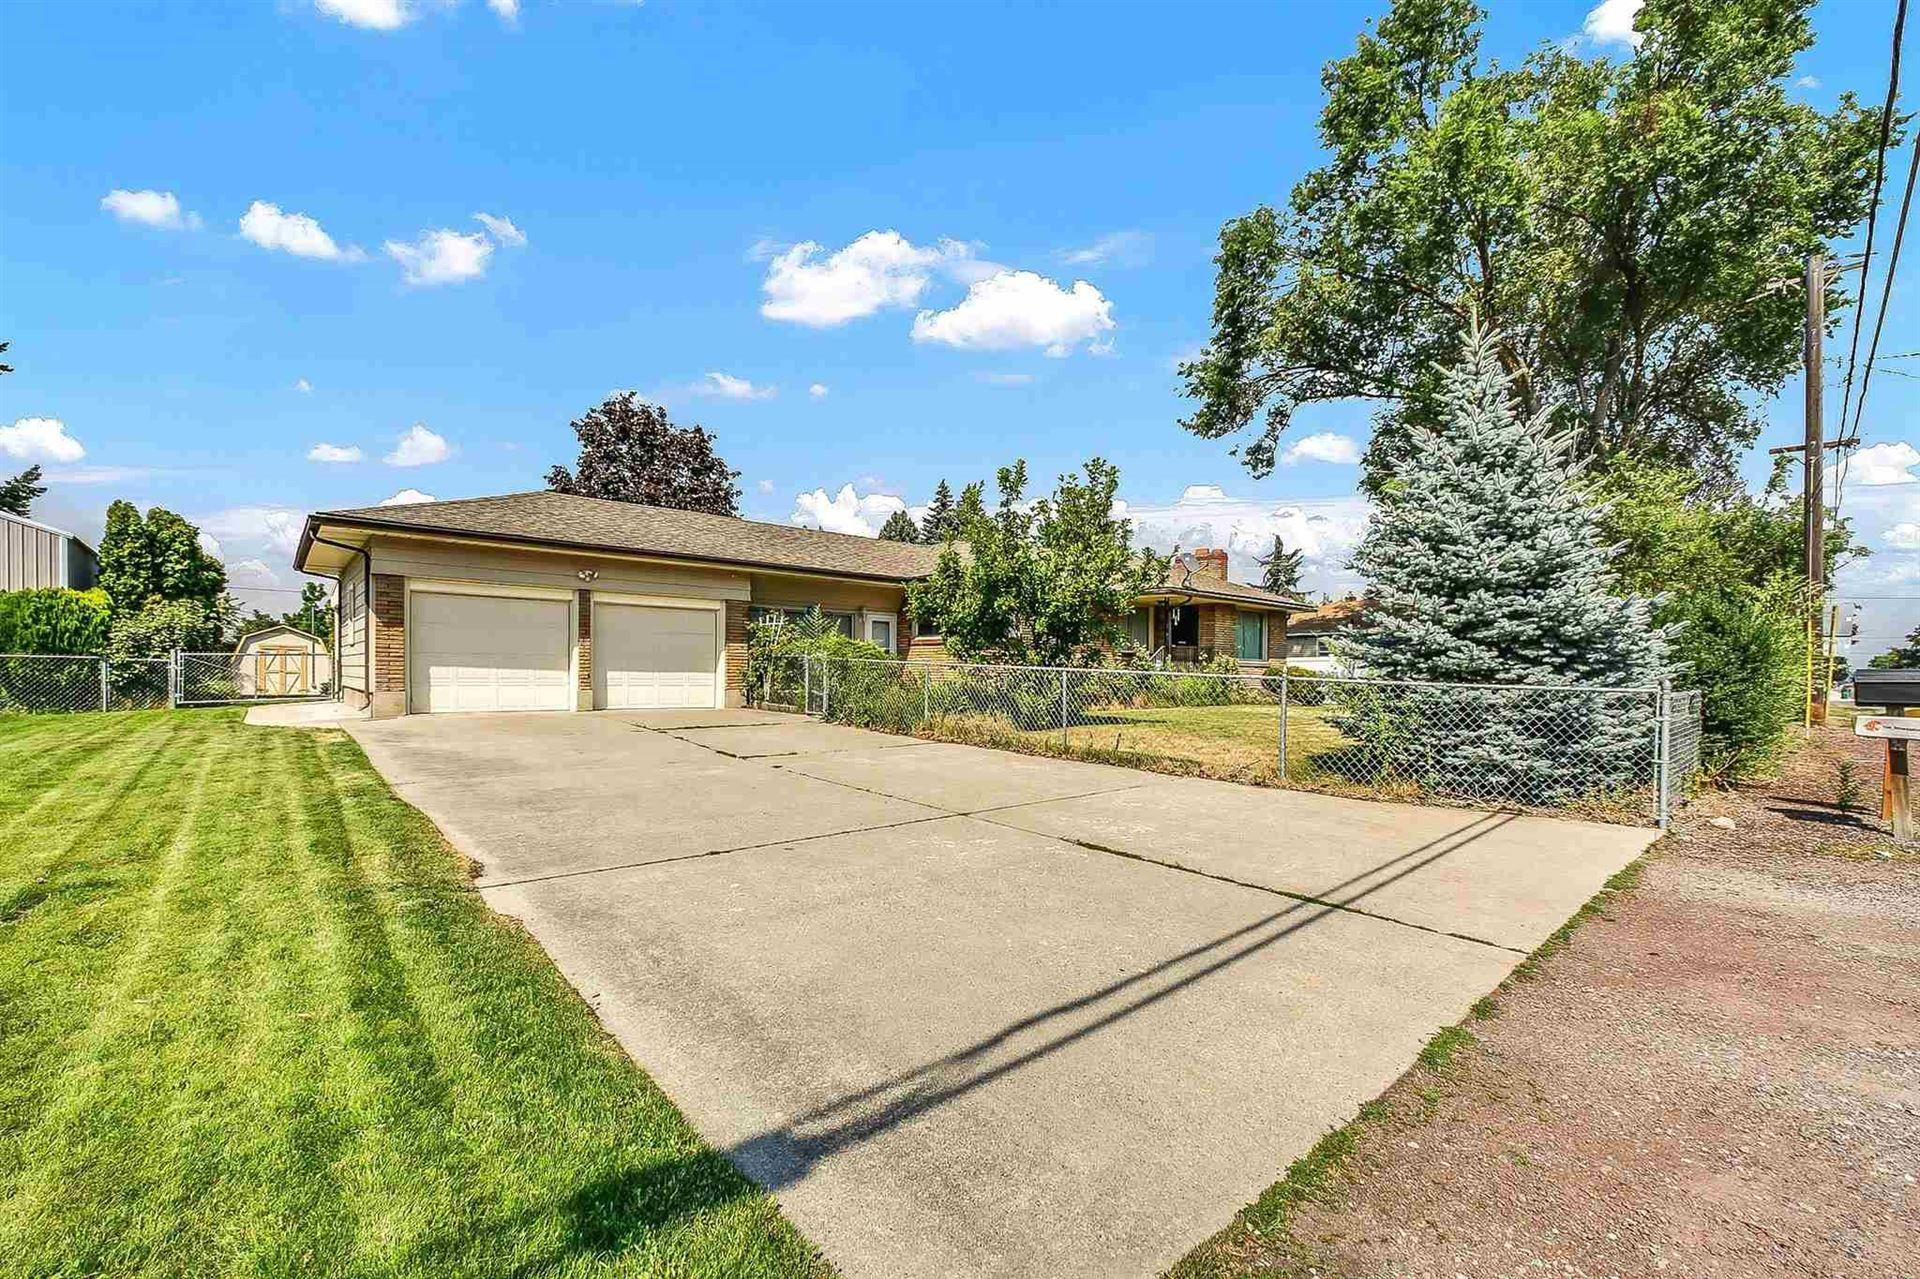 11411 E 12th Ave, Spokane Valley, WA 99206-2843 - #: 202119731